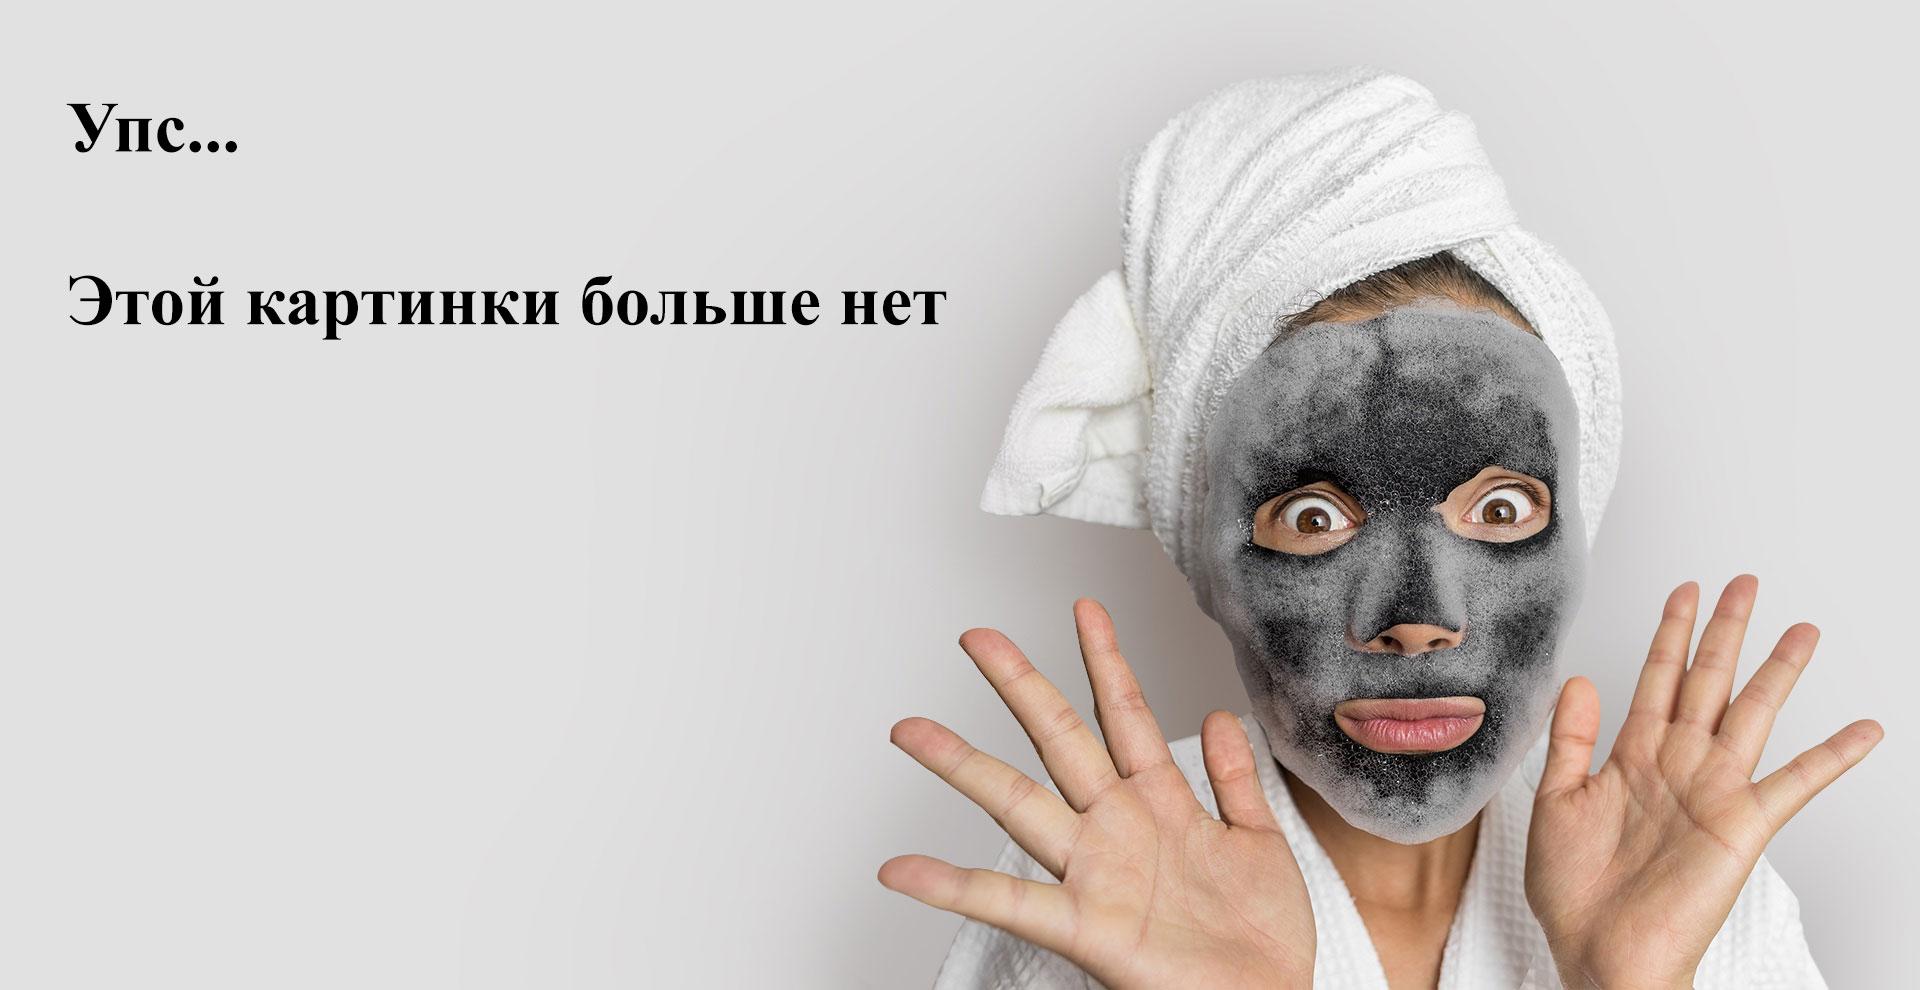 SHIK, Средство для очищения и дезинфекции кистей, 150 мл